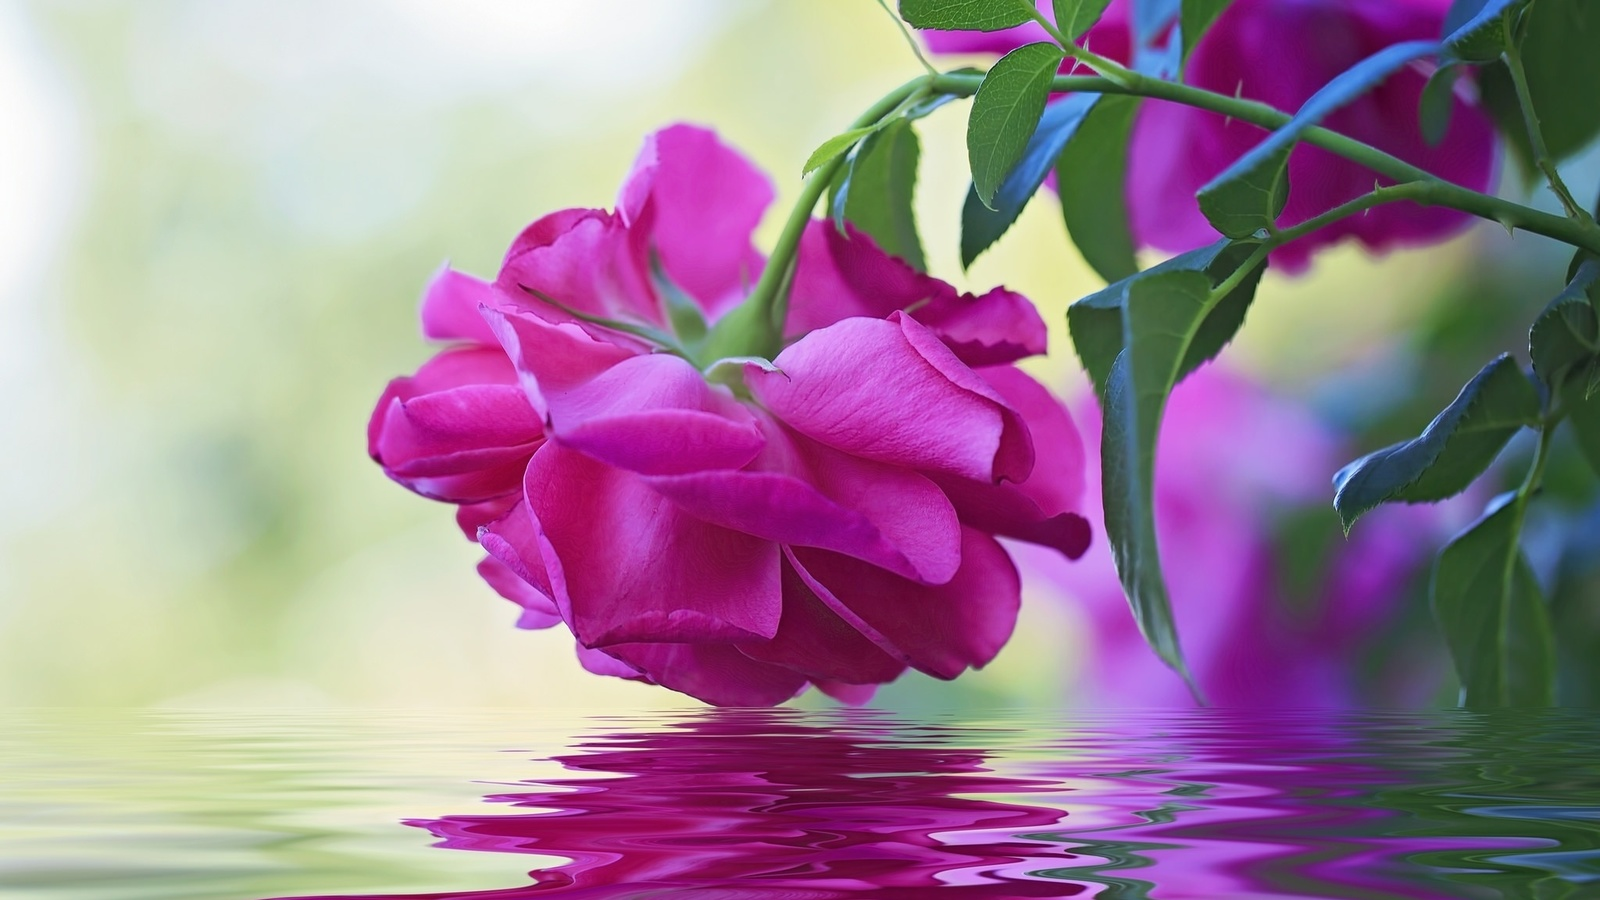 Фото картинки цветы анимация